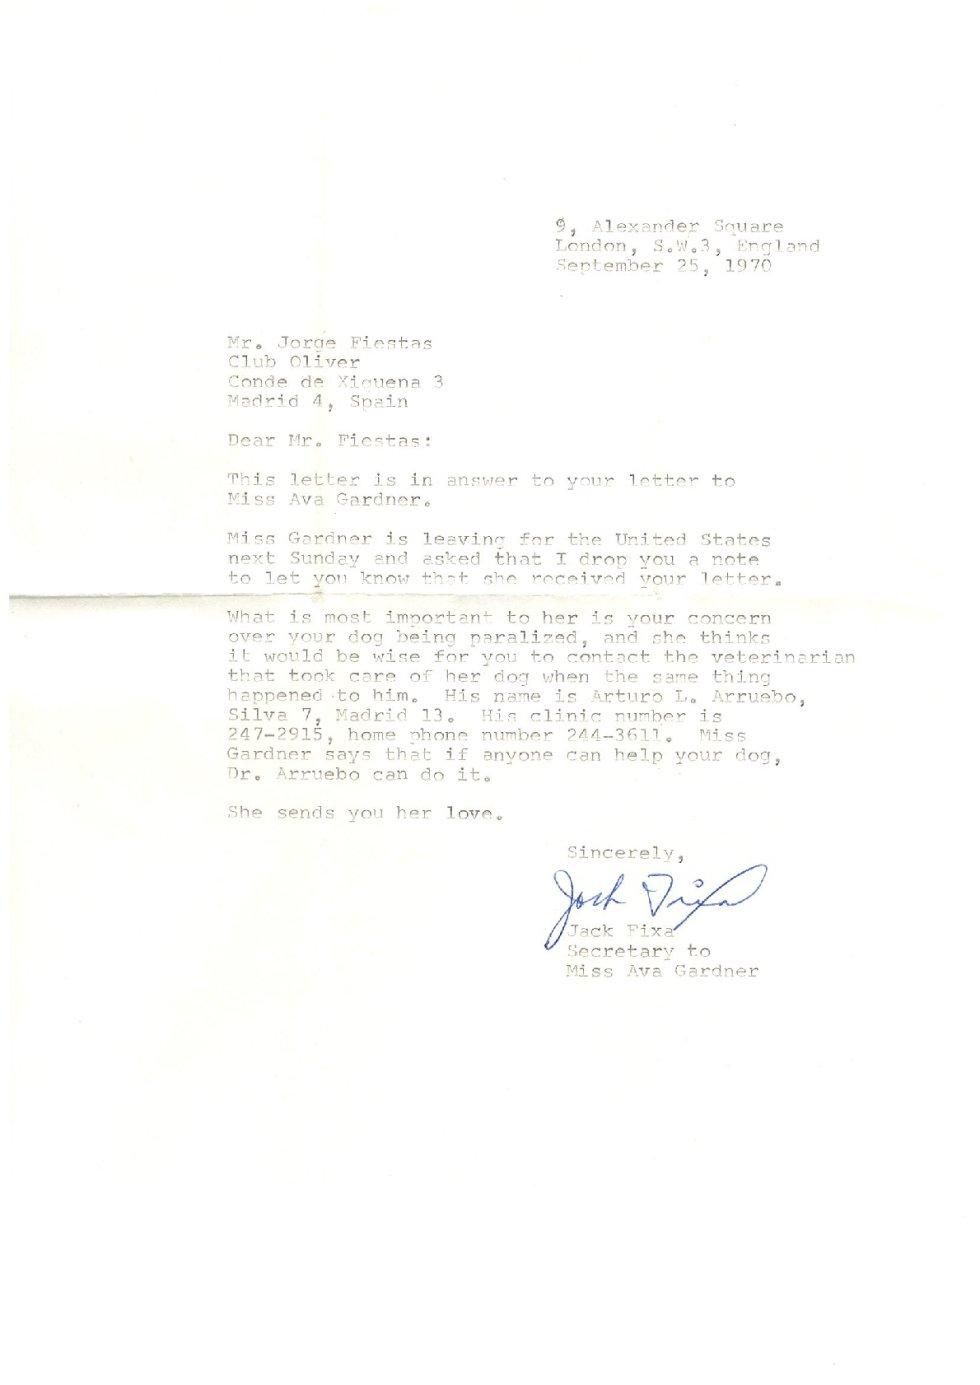 Las cartas inéditas de Ava Gardner con su amigo Jorge Fiestas